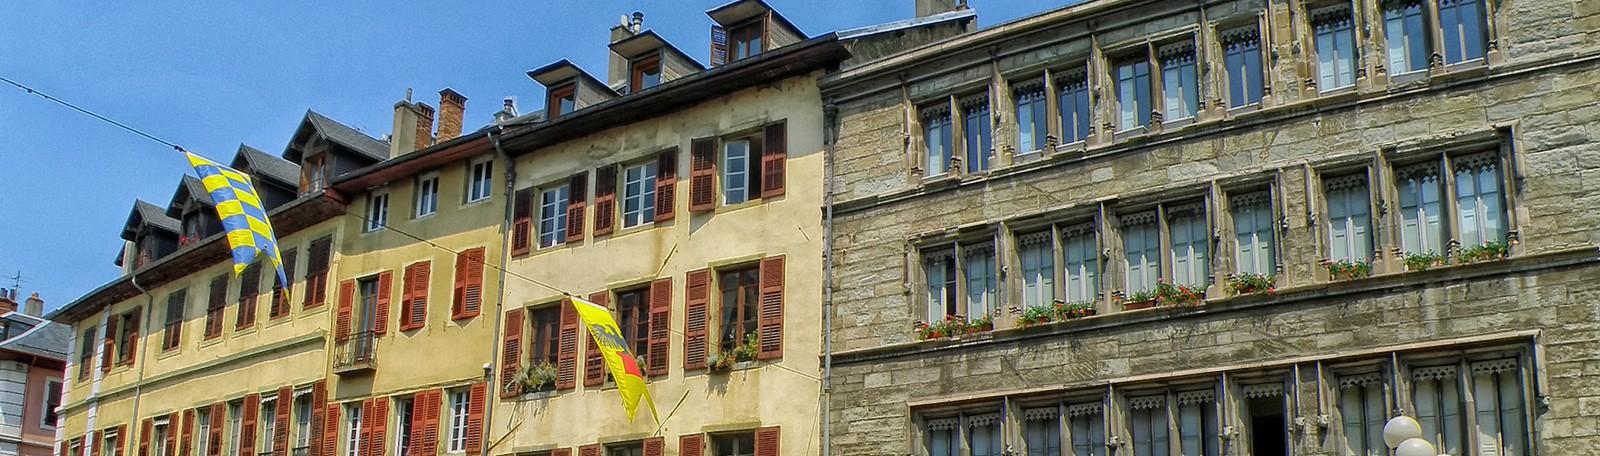 Stationner à Chambéry Barbot